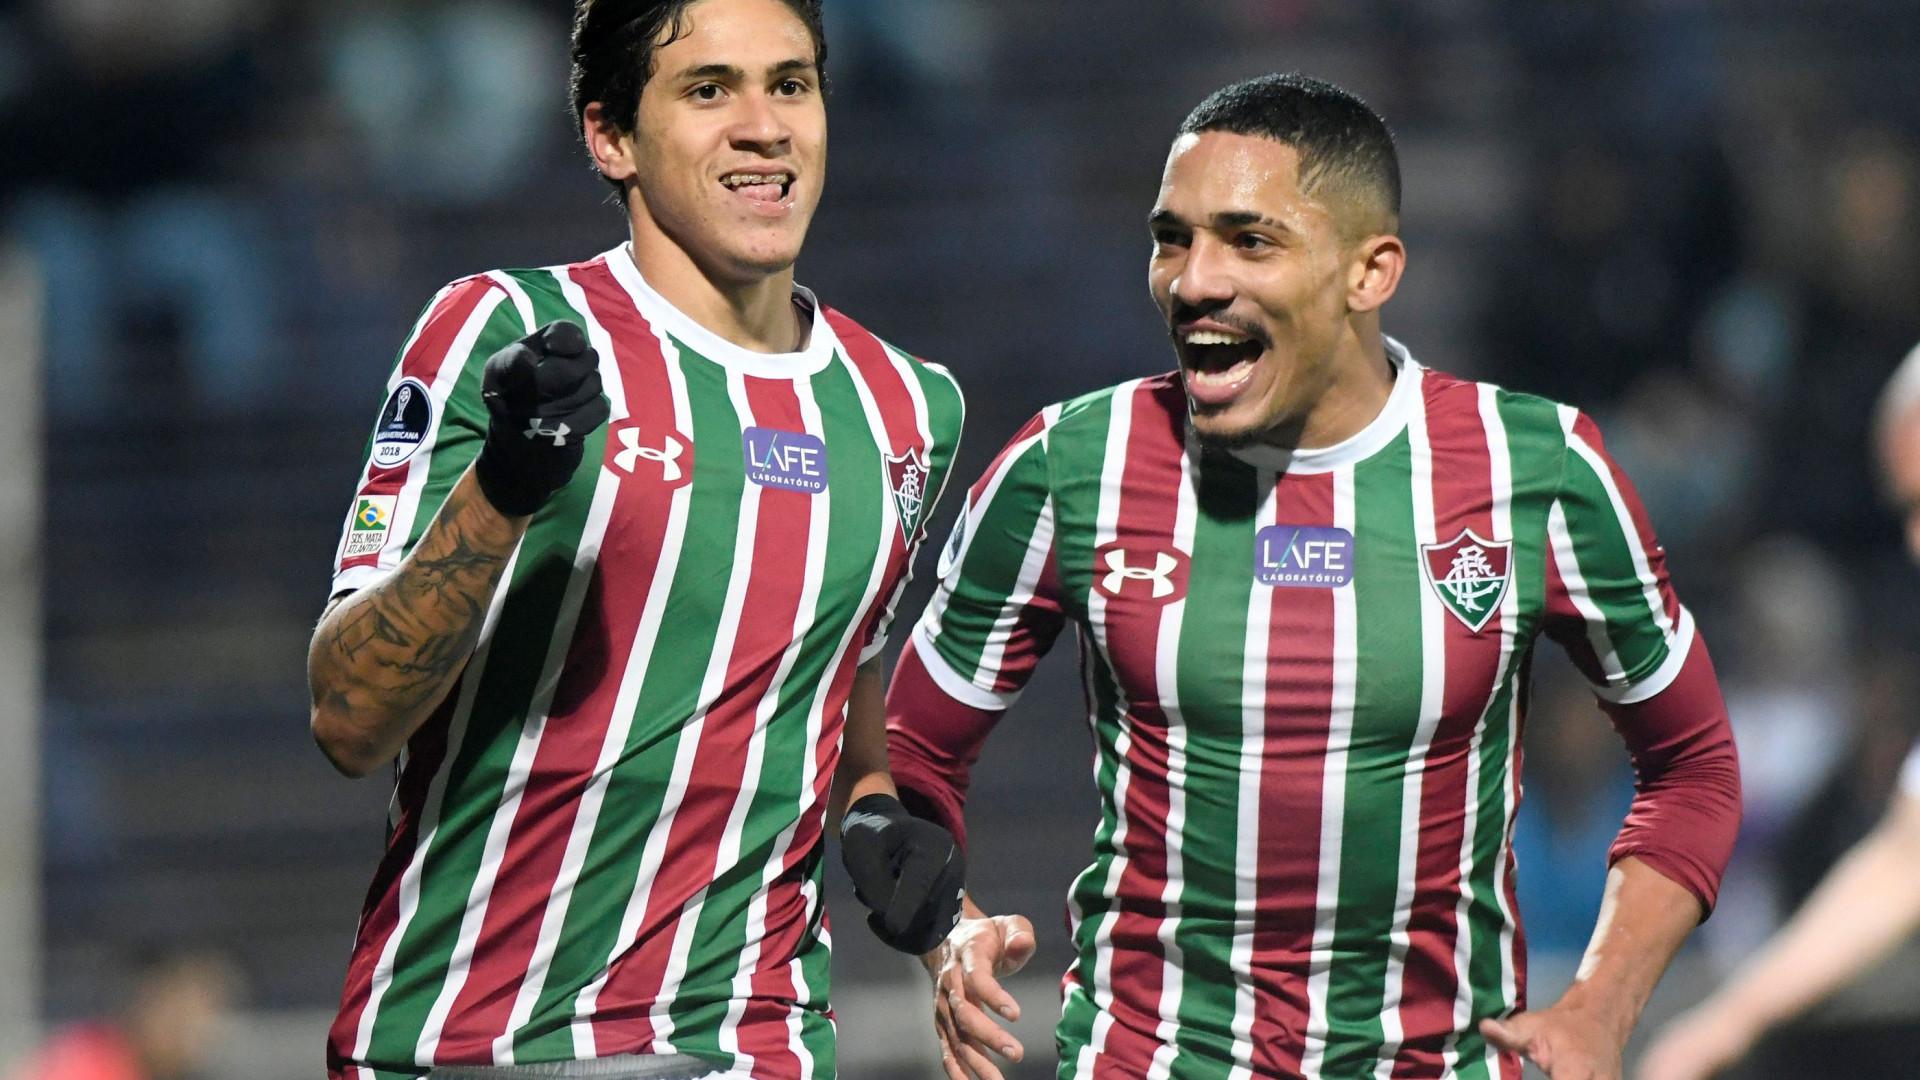 Avançado do Fluminense apontado ao FC Porto